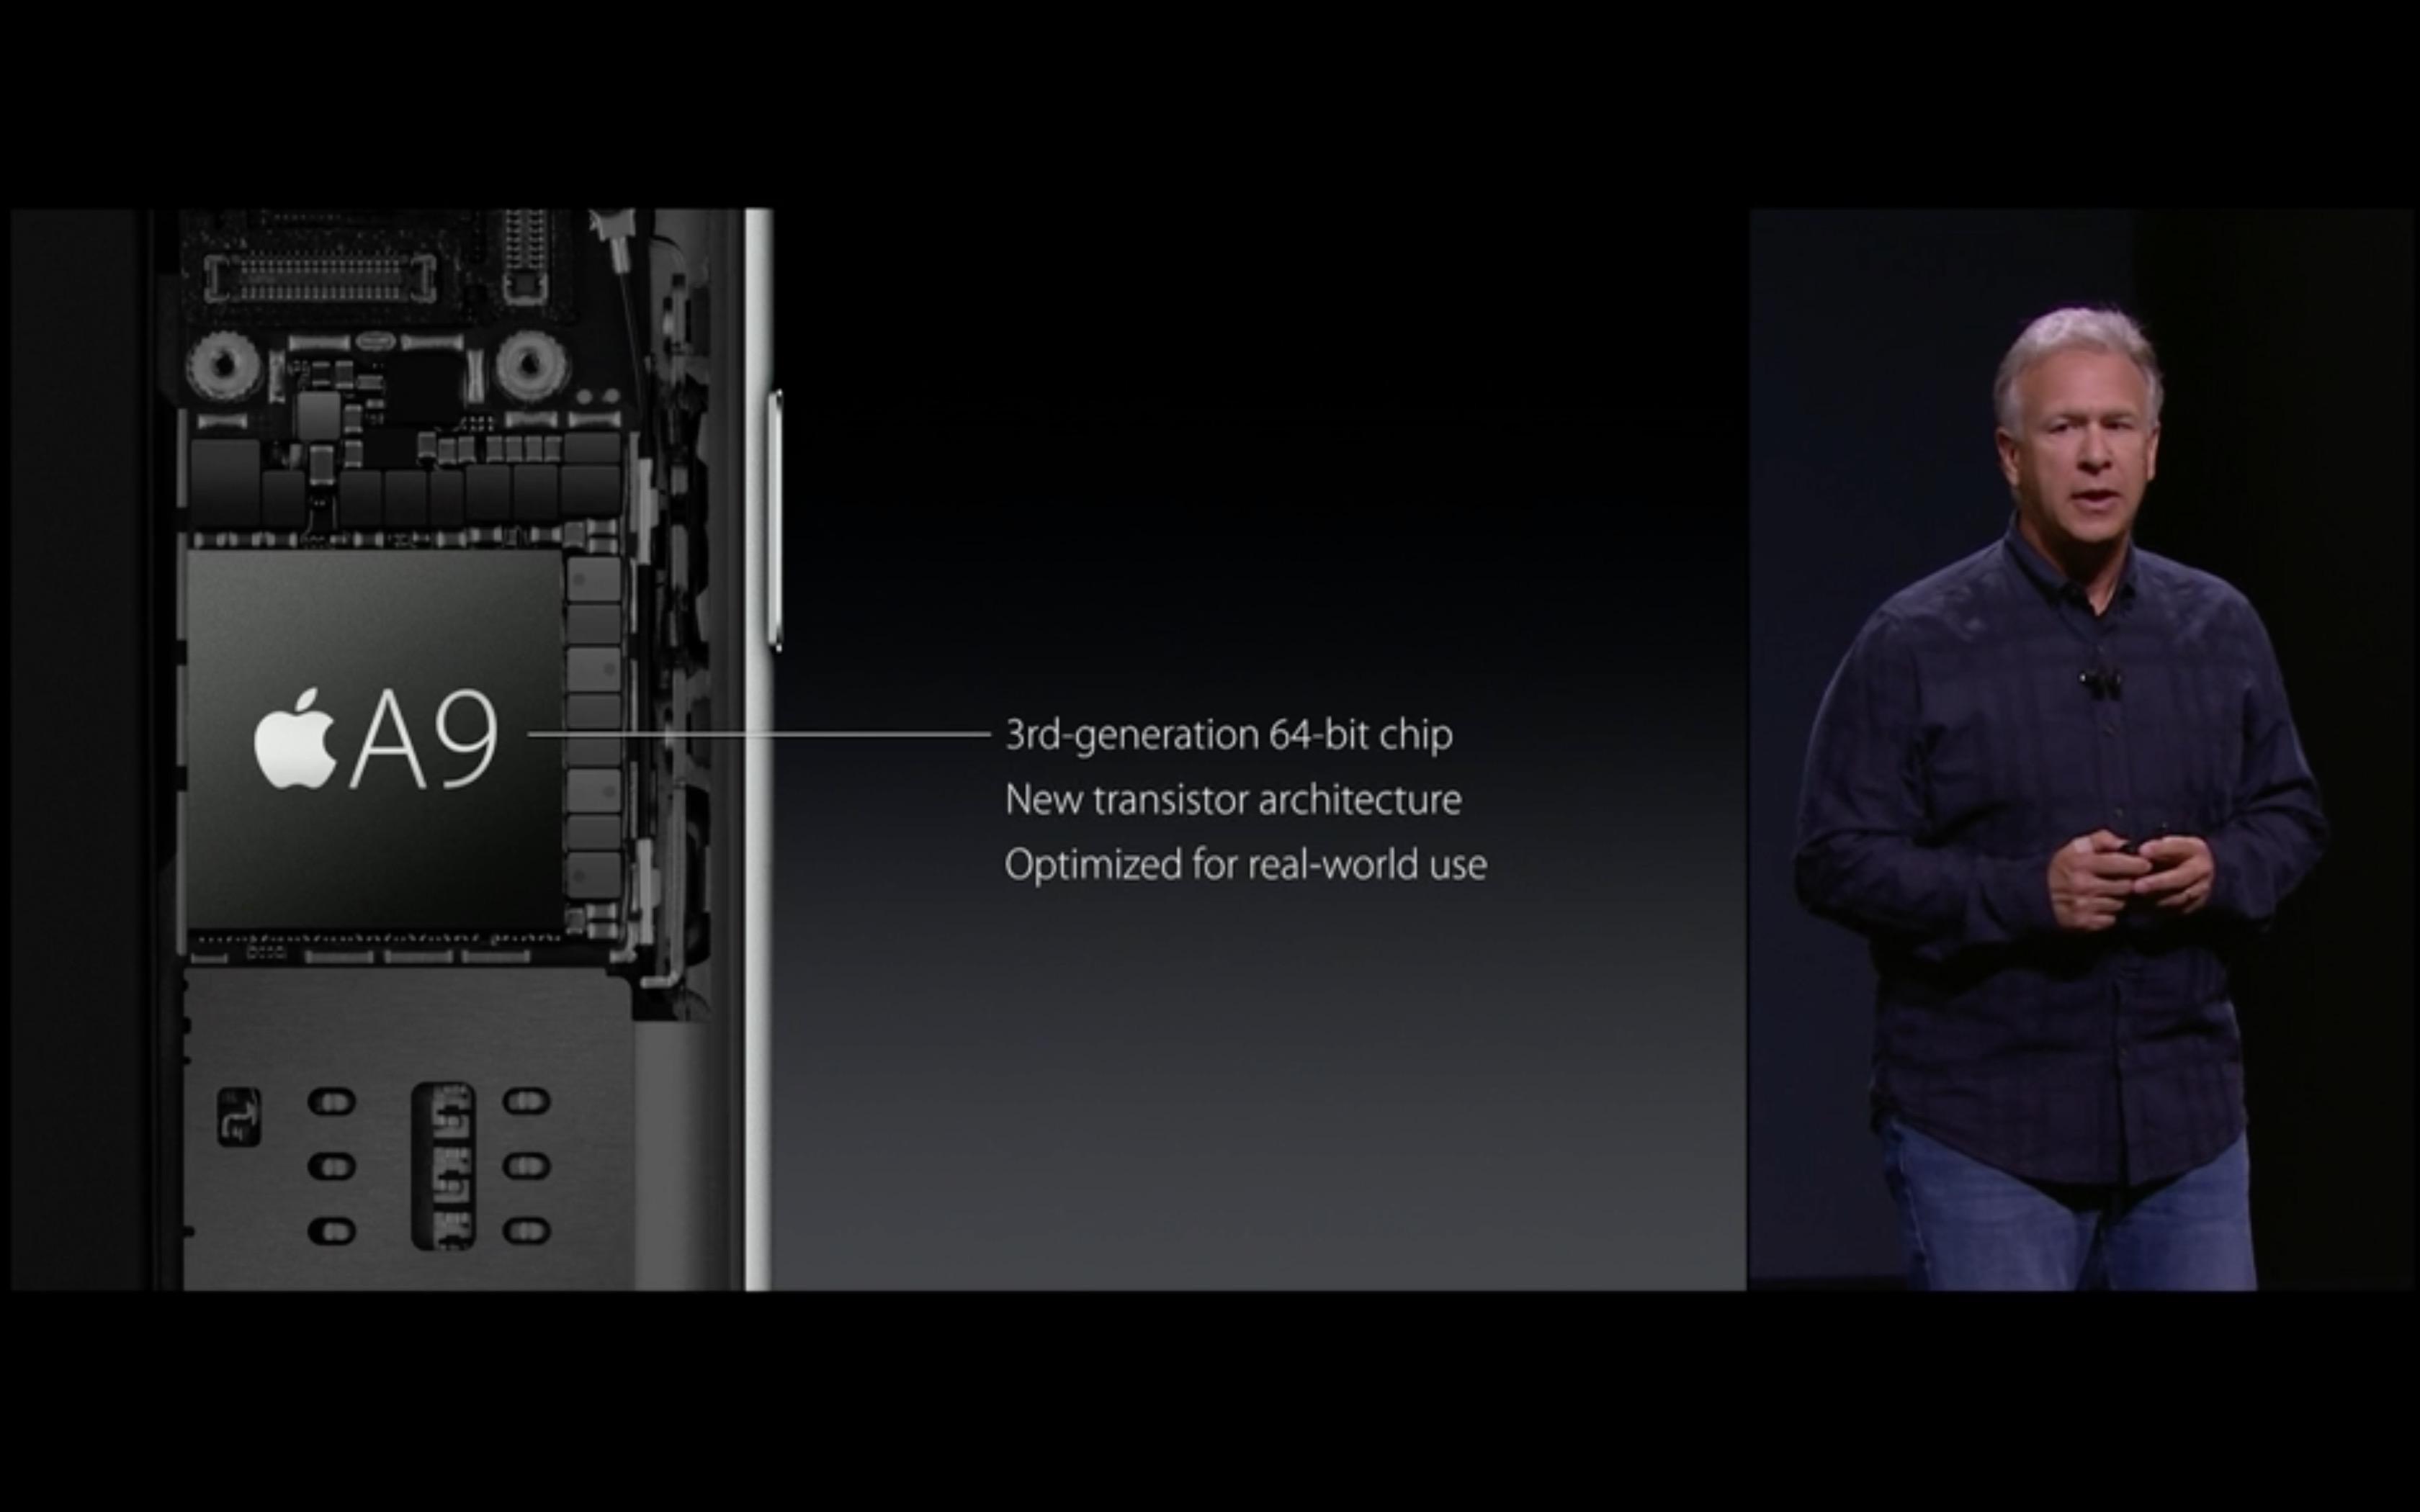 Processore A9 iPhone 6s